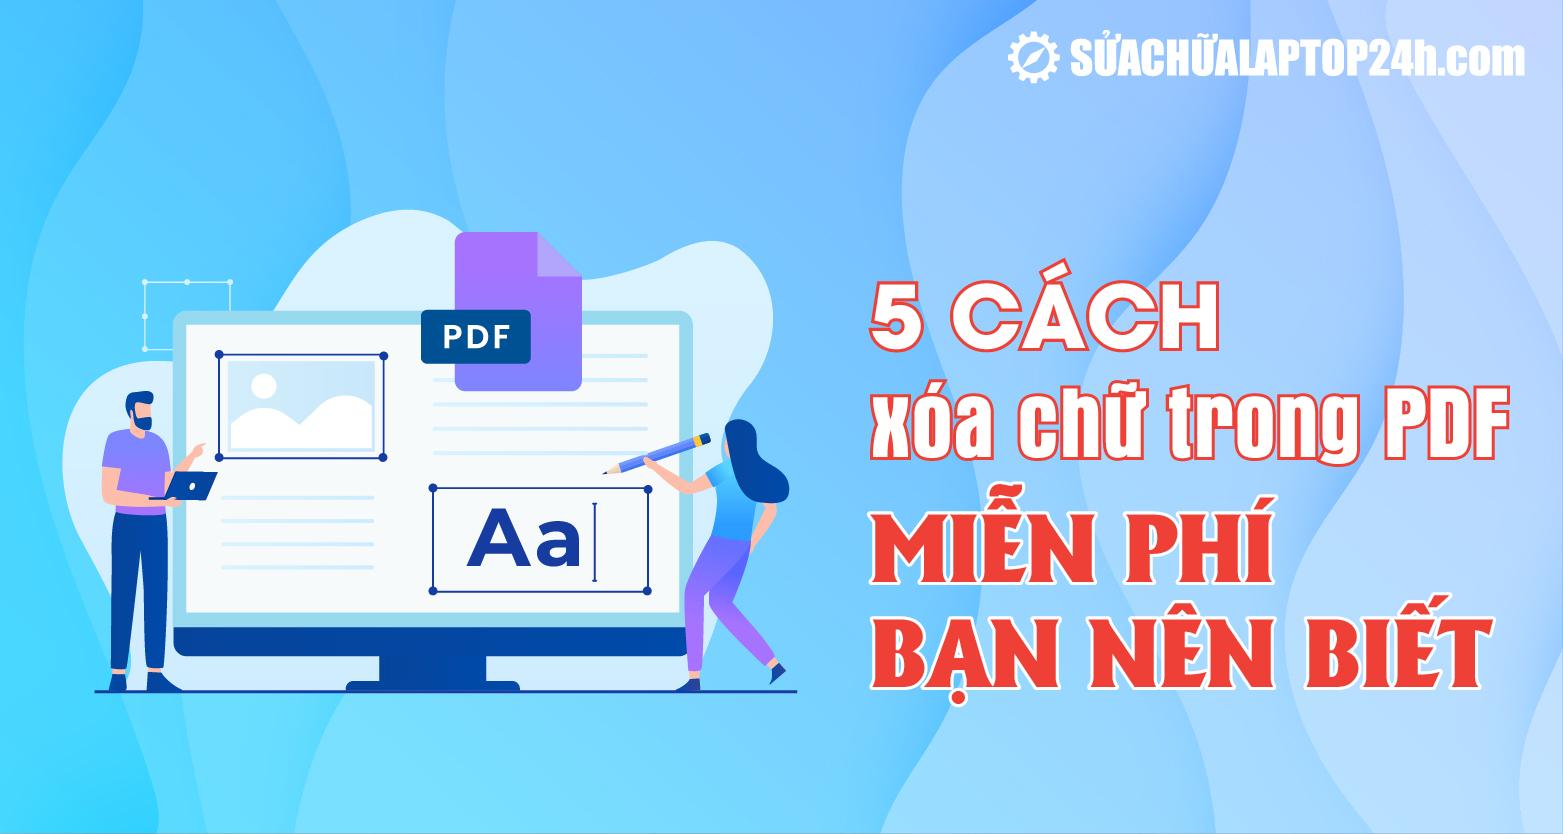 Cách xóa chữ trên PDF